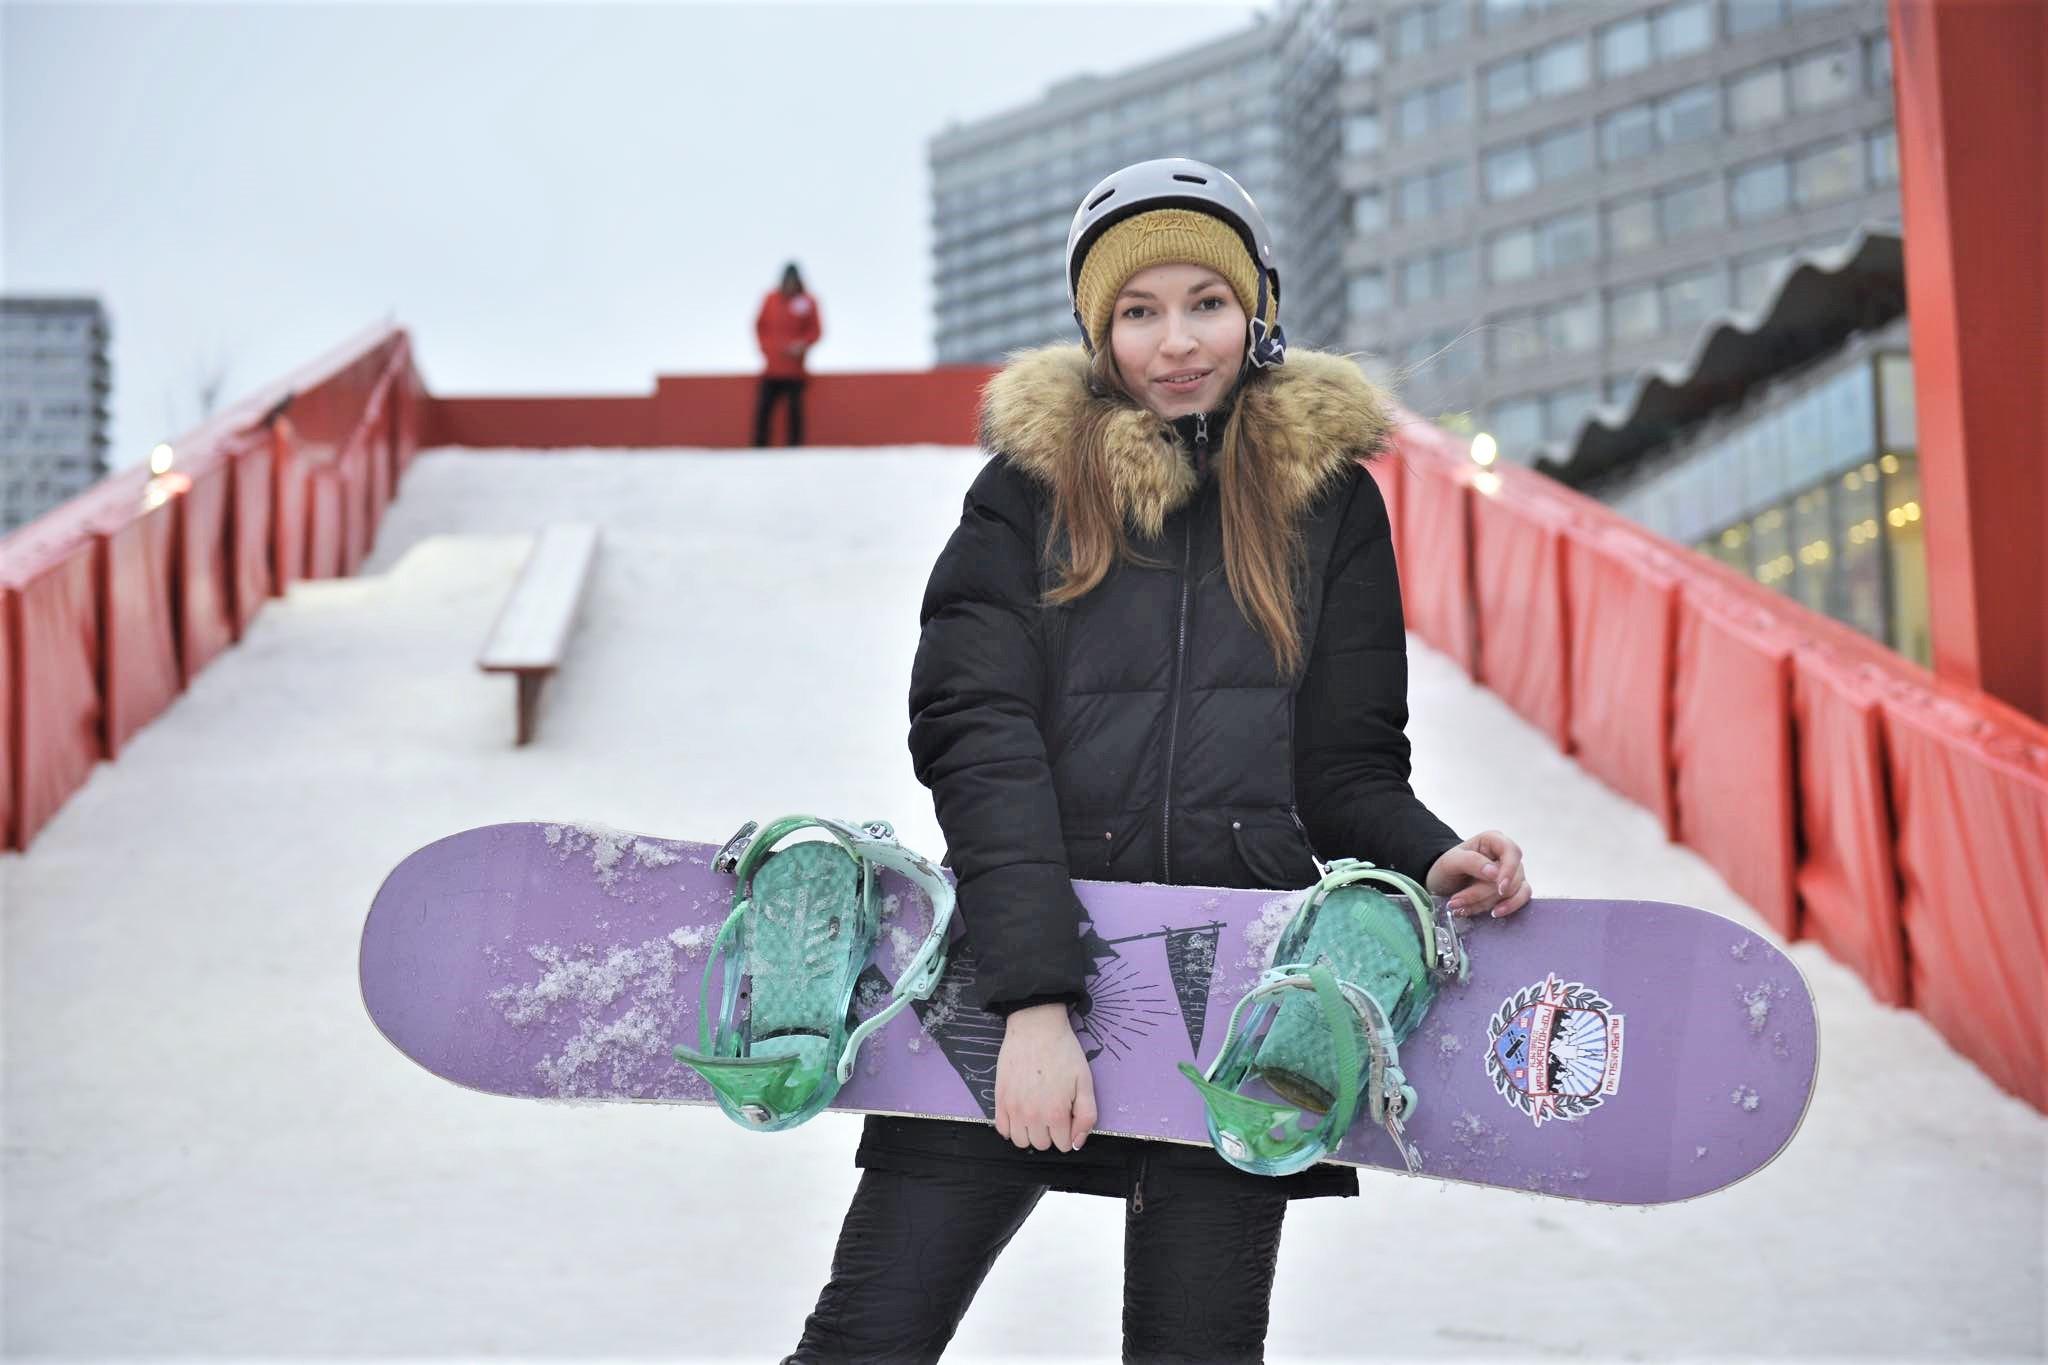 Кубок Европы по сноуборду проведут на территории «Воробьевых гор»